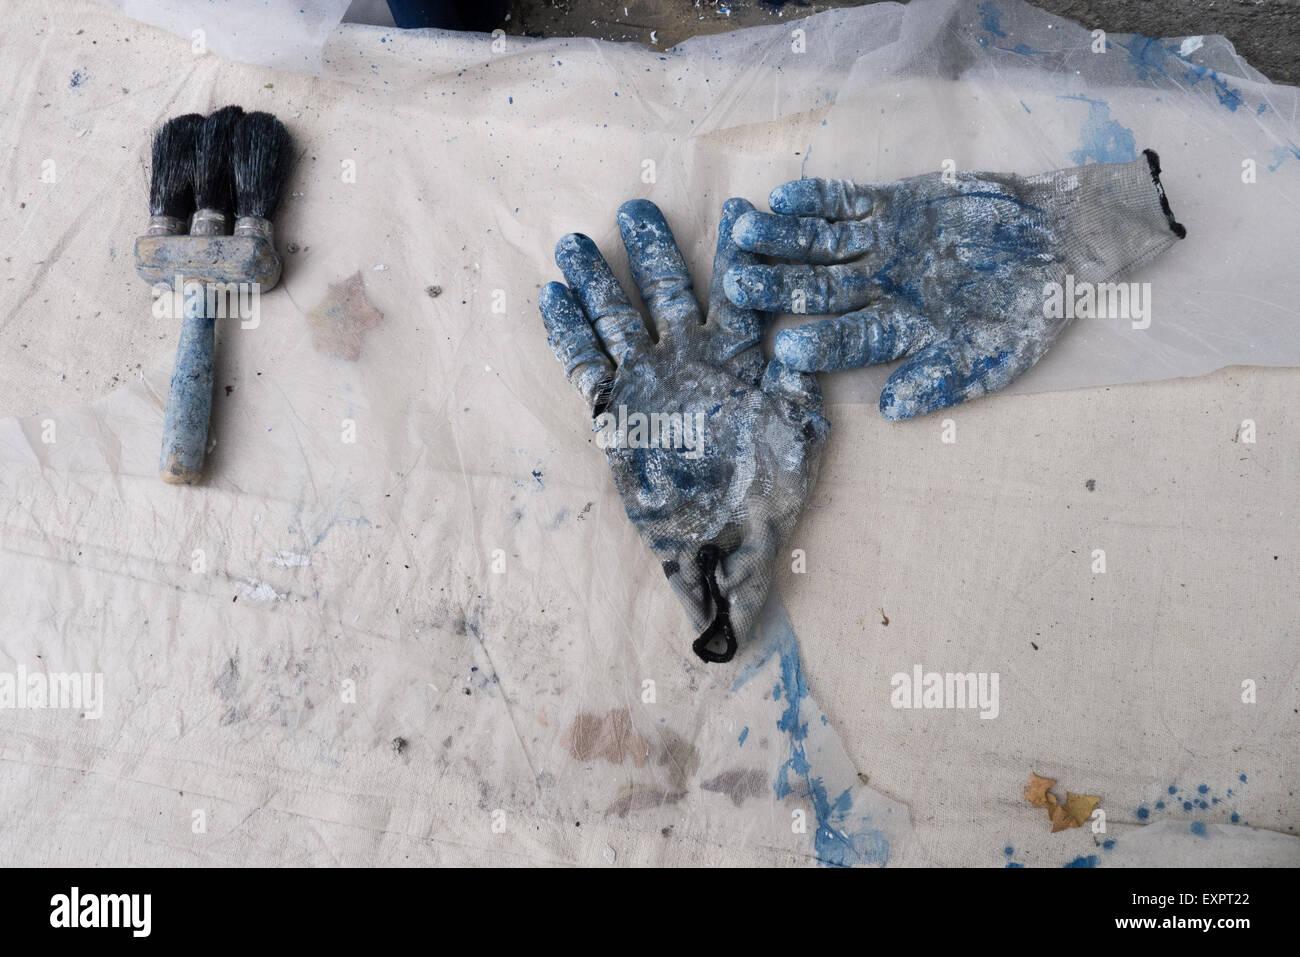 A Notting Hill, Londra, Inghilterra. Coppia di operaio di guanti e pennello su un foglio di plastica. Immagini Stock